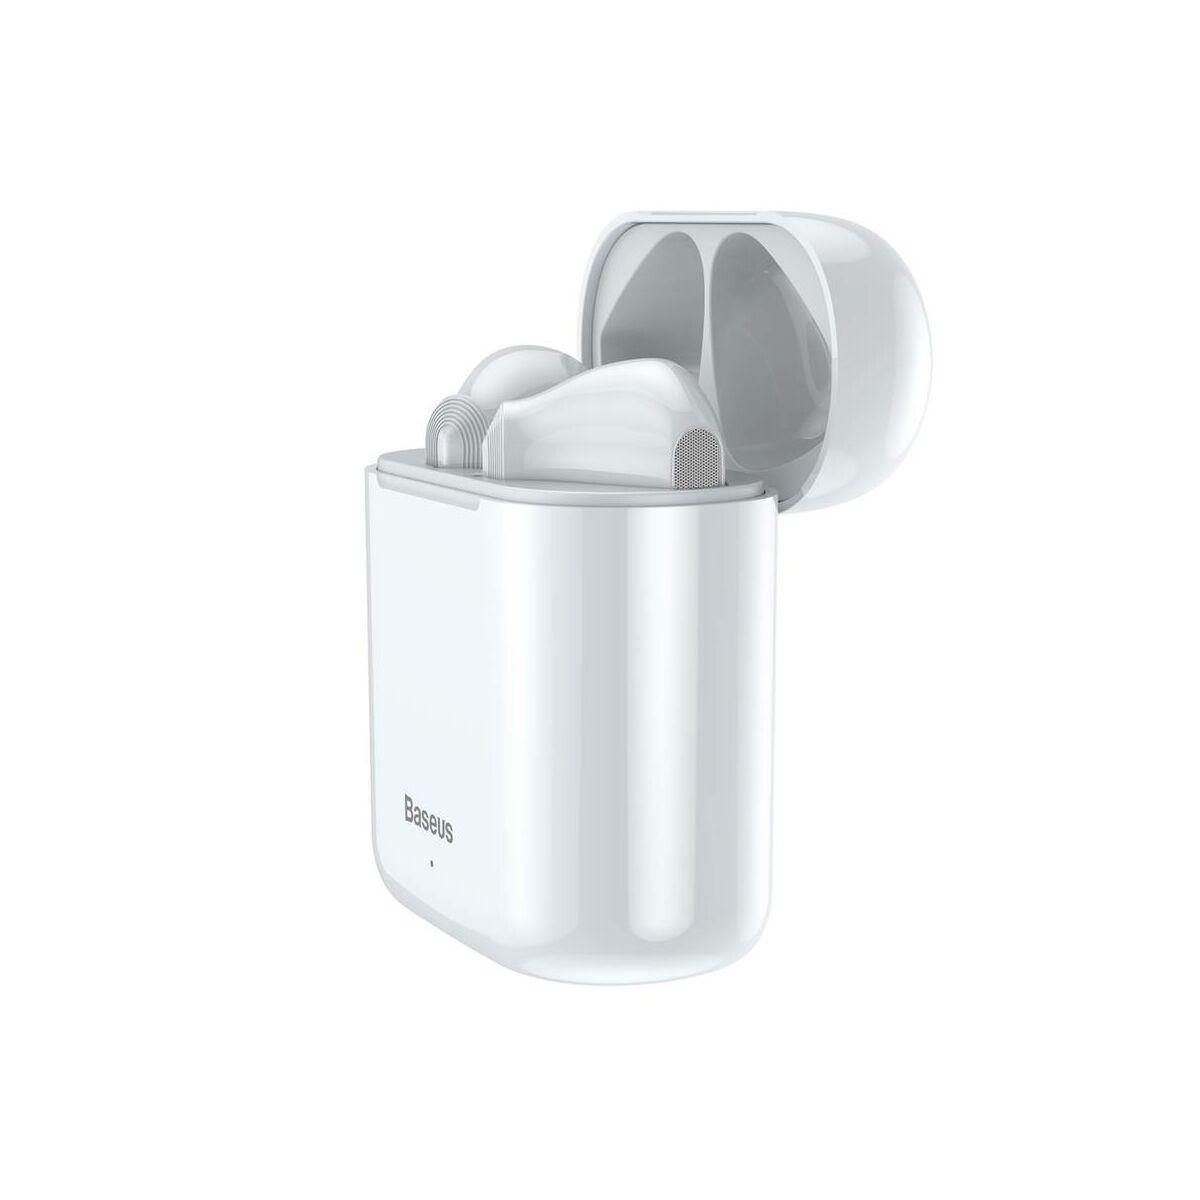 Baseus fülhallgató, Bluetooth Encok W09, True Wireless, vezeték nélküli, BT 5.0 TWS, fehér (NGW09-02)